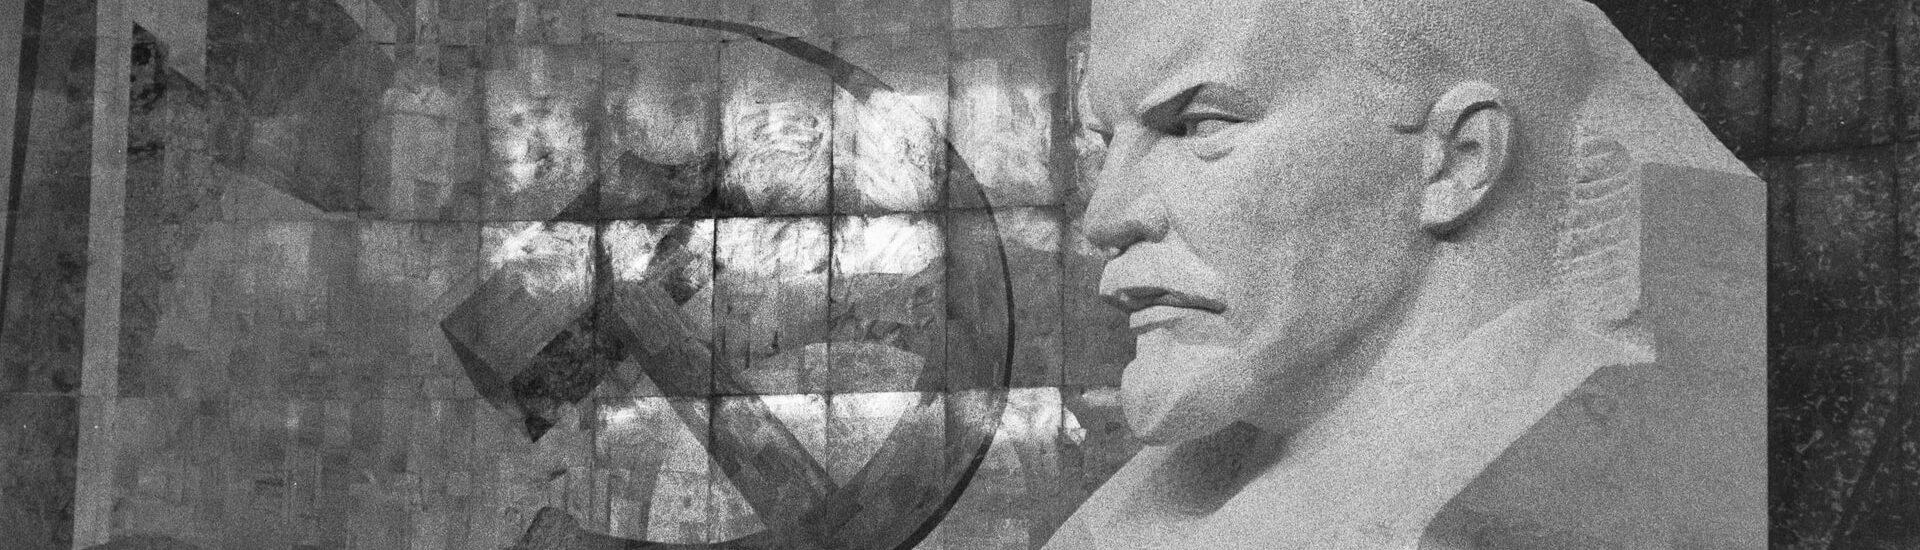 Ο Τρότσκι για το διεθνισμό του Λένιν